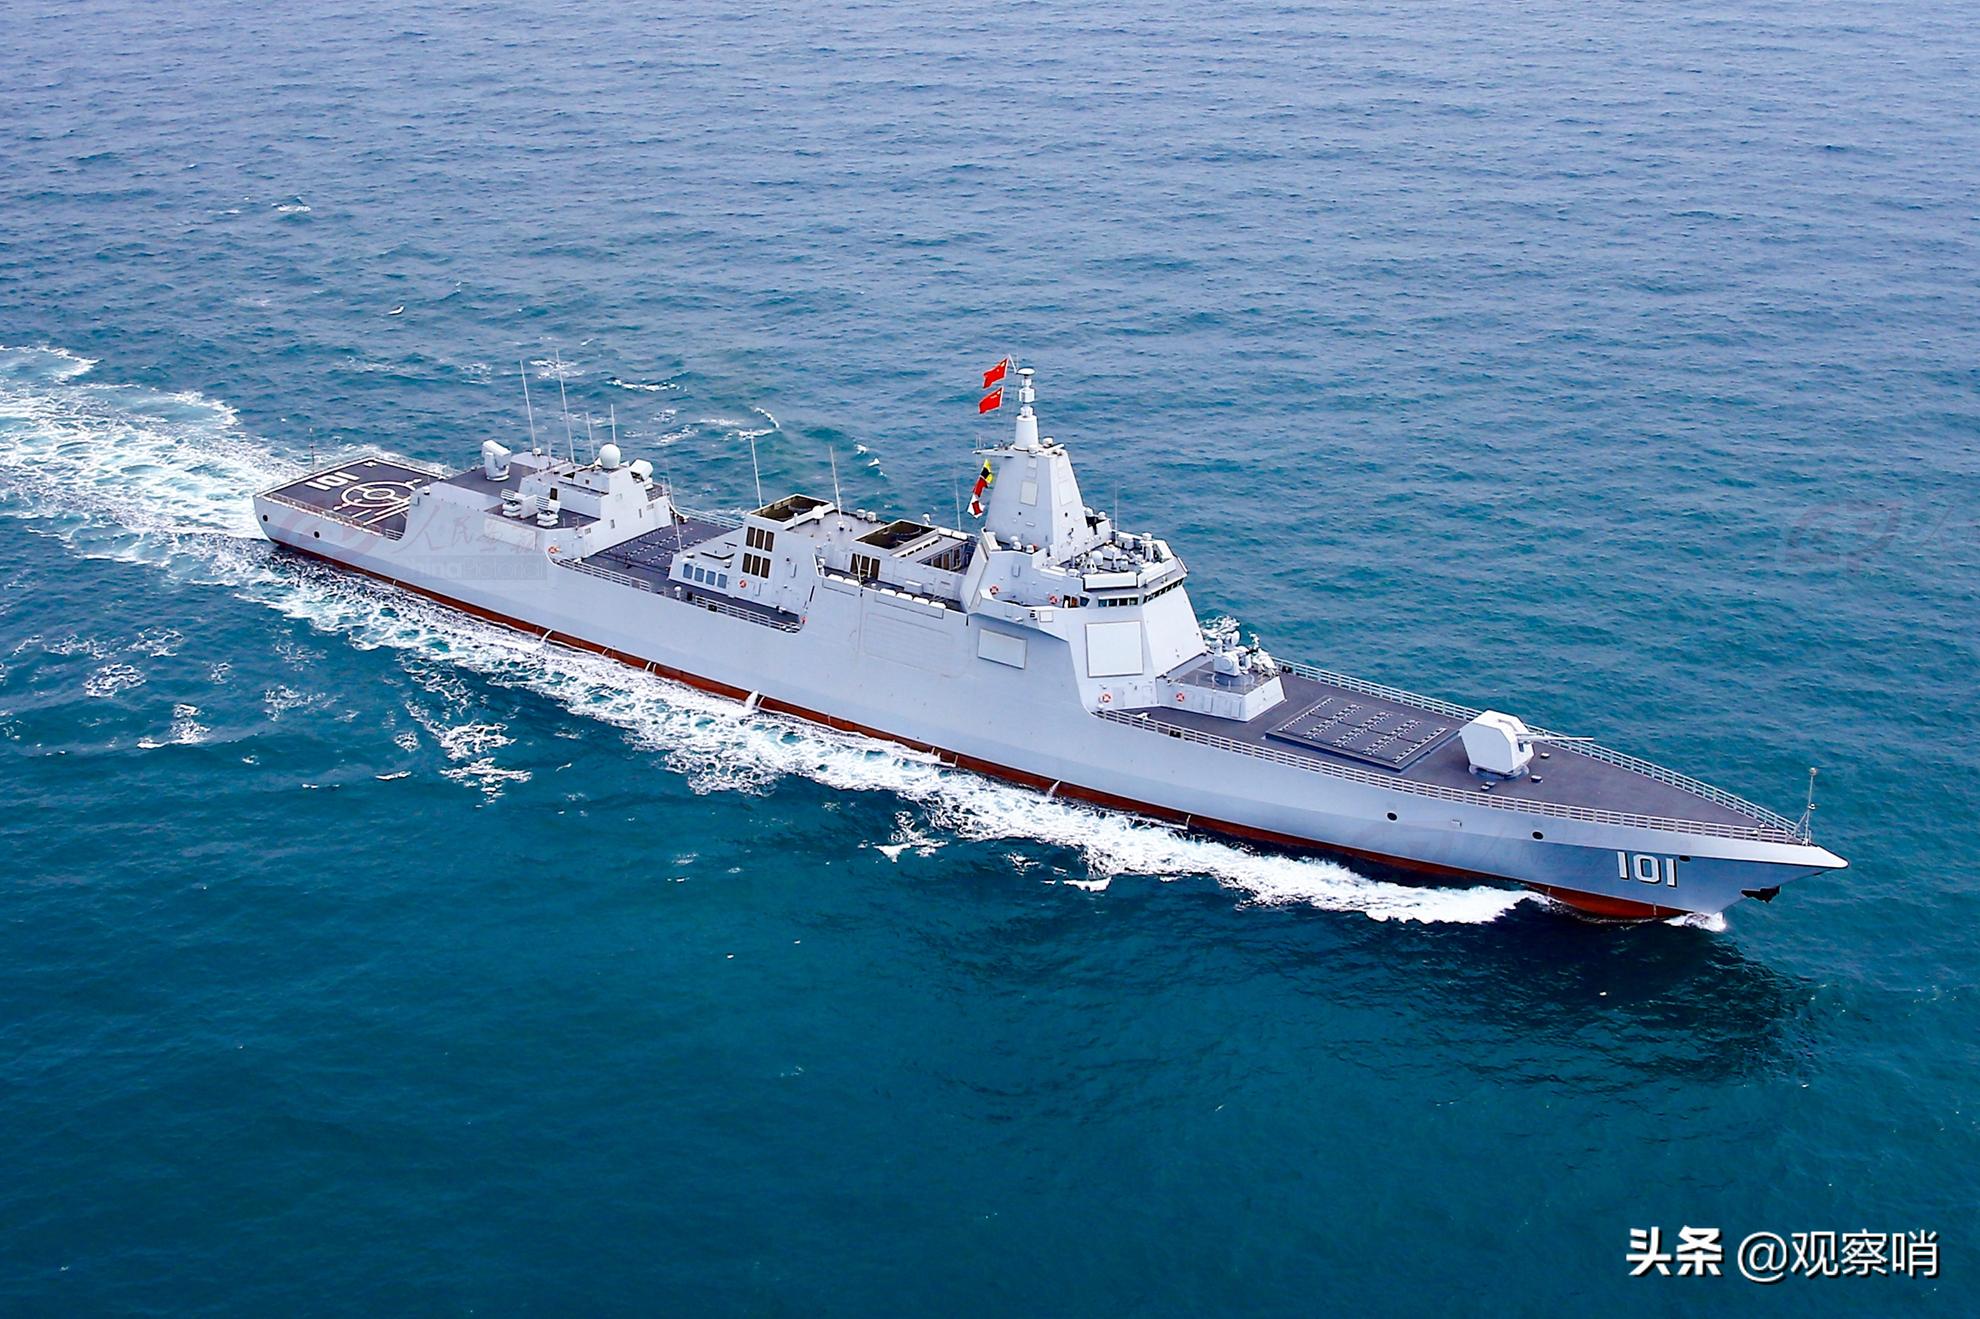 """两舰退役!人民海军驱逐舰告别""""80后"""",实现现代化和年轻化"""